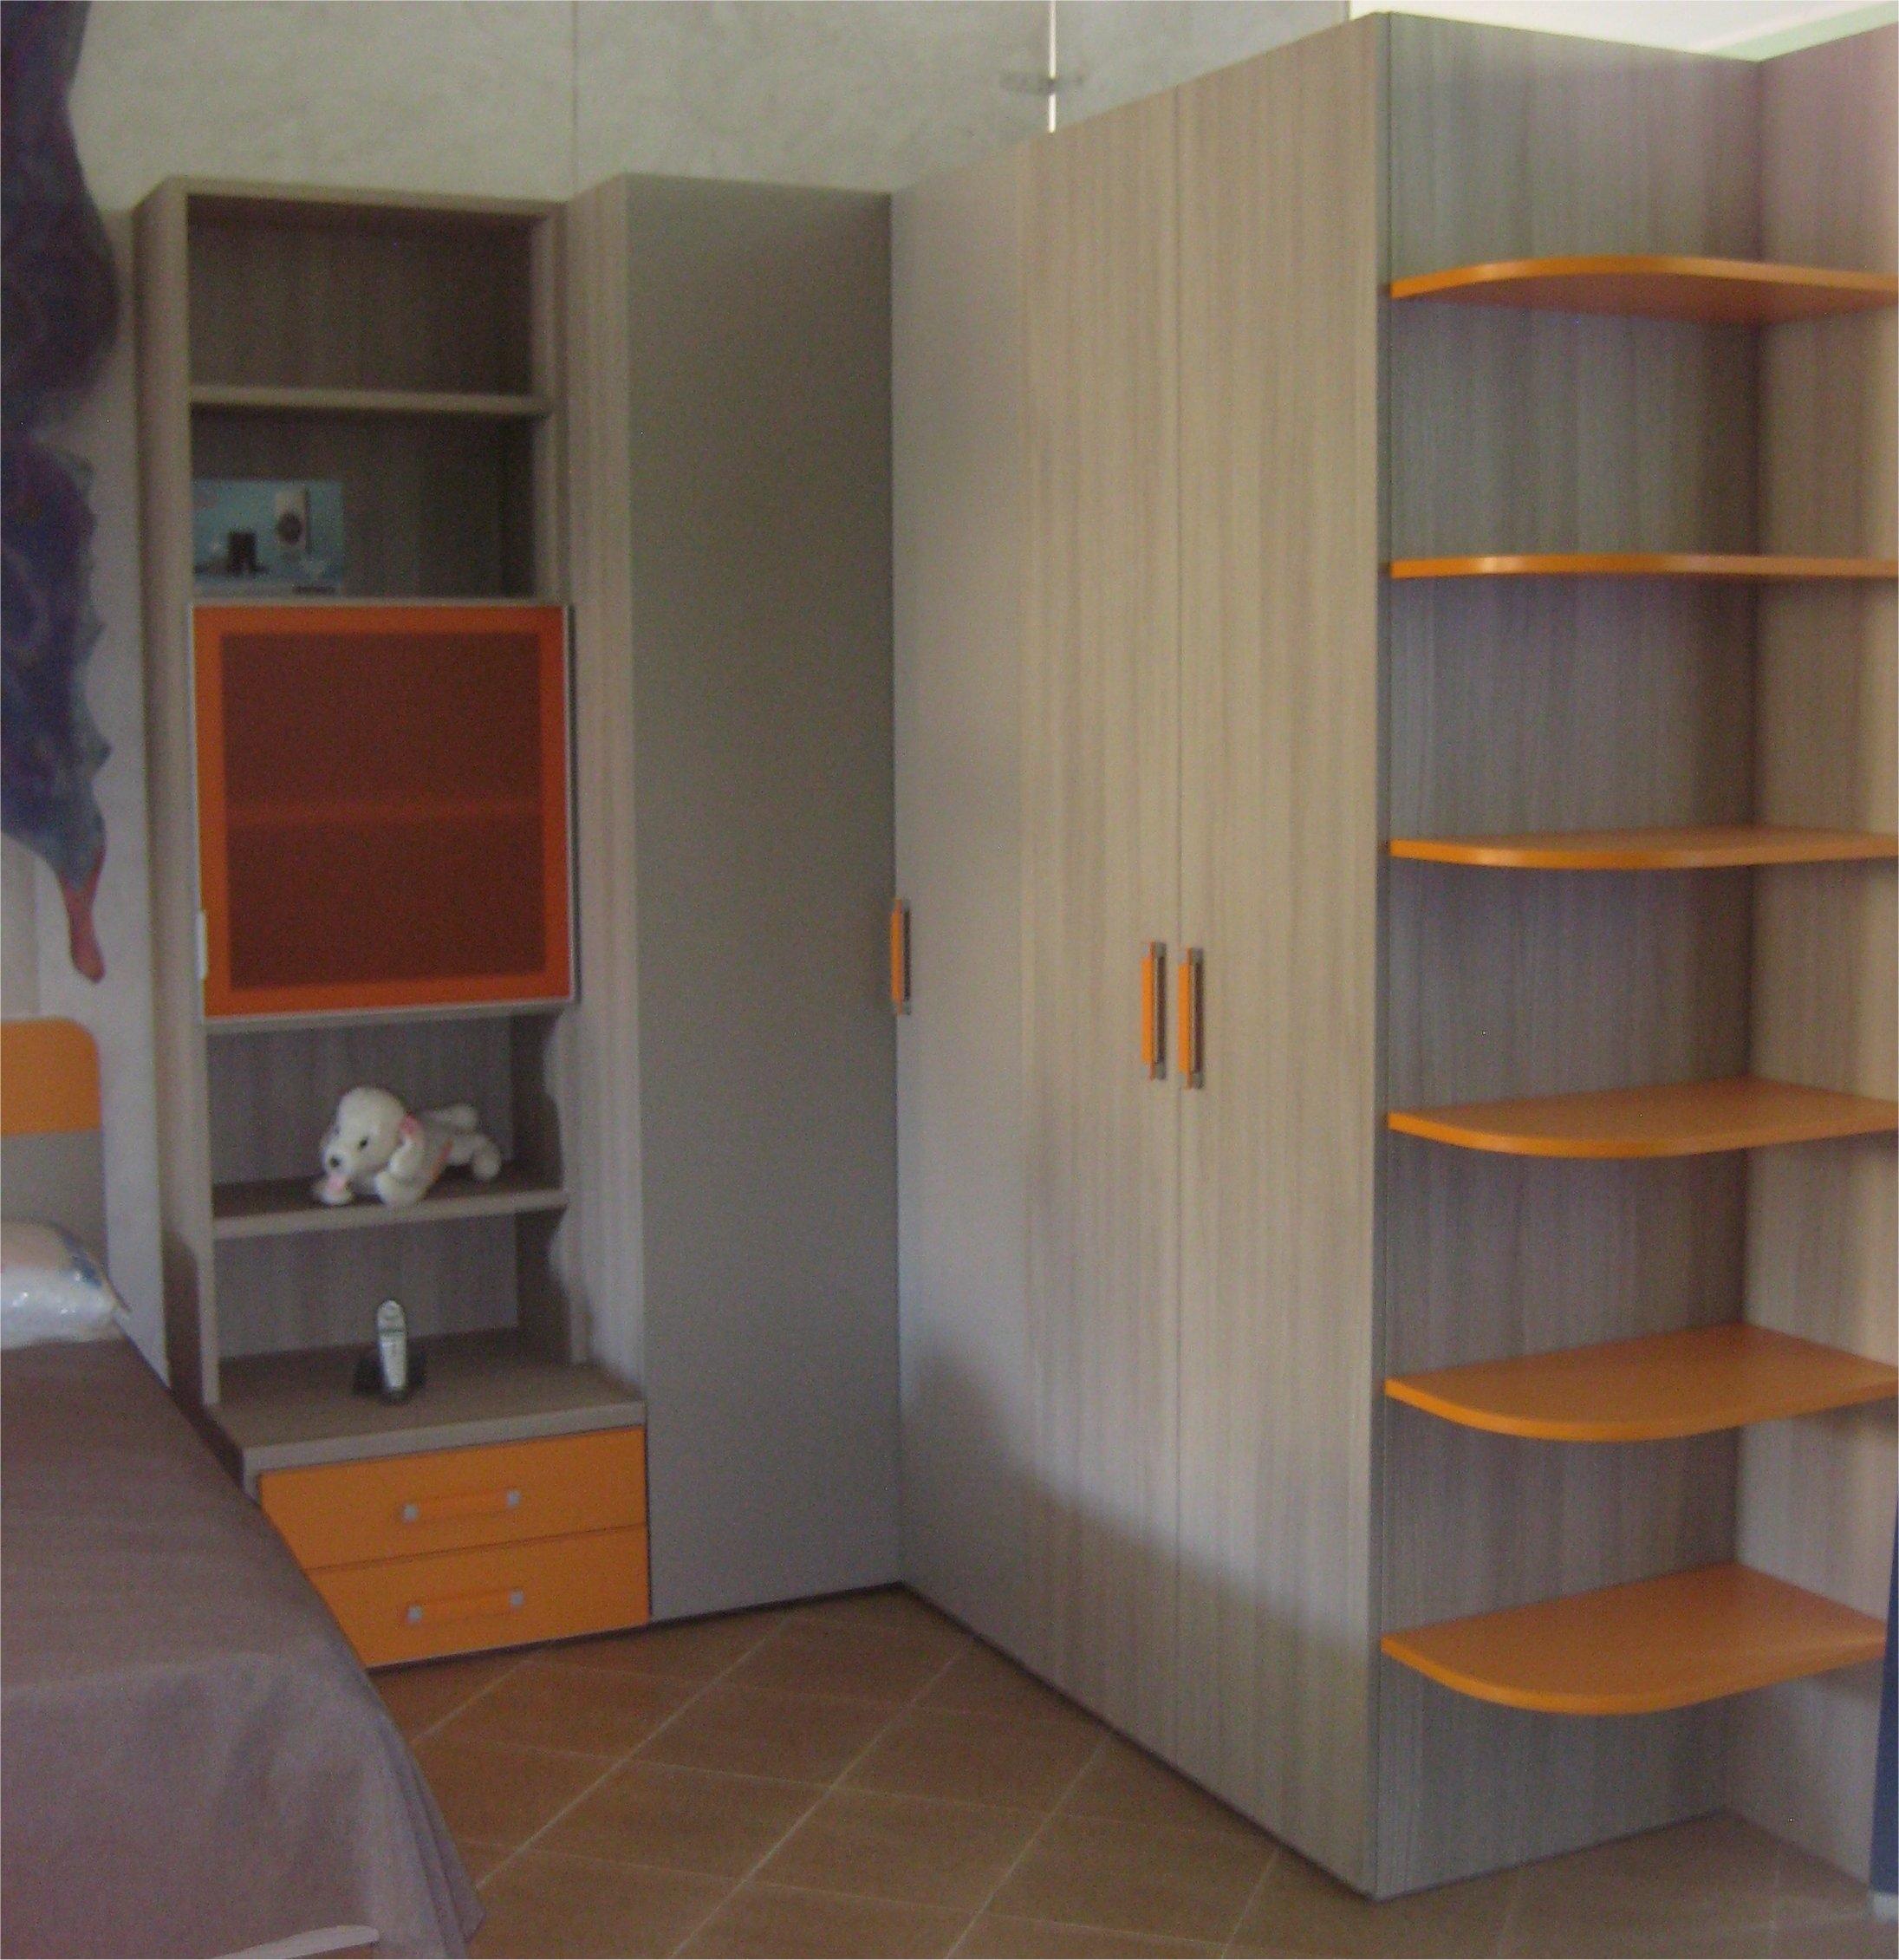 Armadio angolare prezzi idee di design nella vostra casa - Cabine armadio prezzi e offerte ...